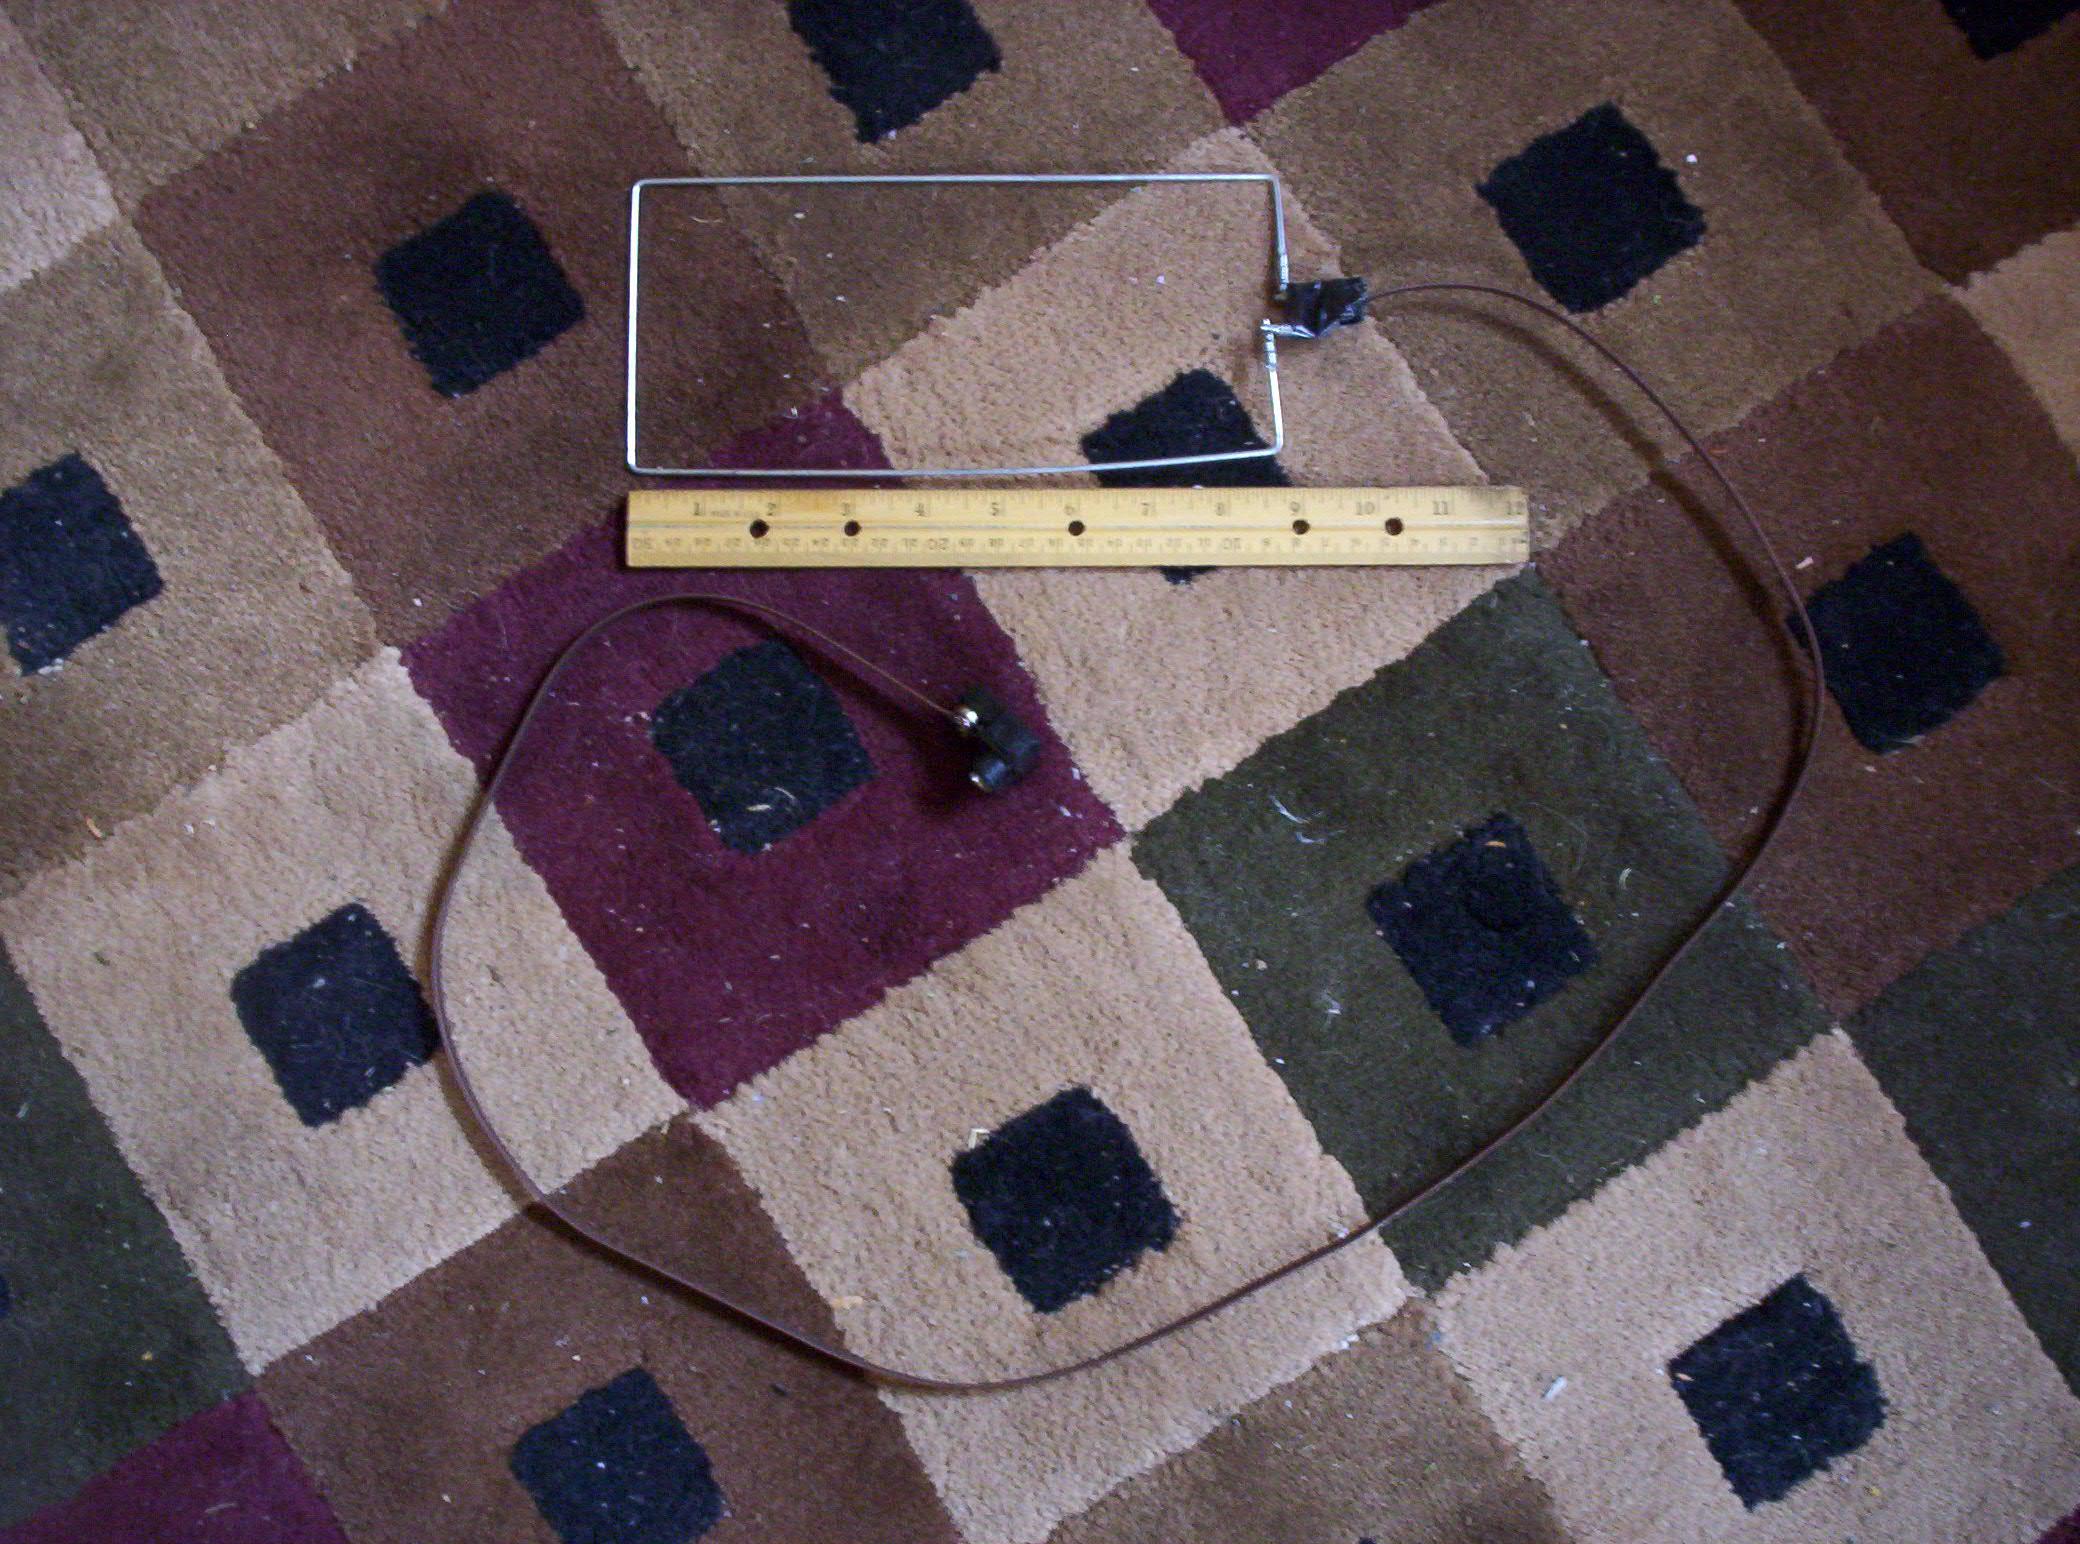 Schematic Battery Diagram additionally 40 Led Tv Schematic Diagram moreover Pixie Transceiver Schematic as well H Bridge Schematic as well Vintage Radio Schematics. on transistor power lifier schematics